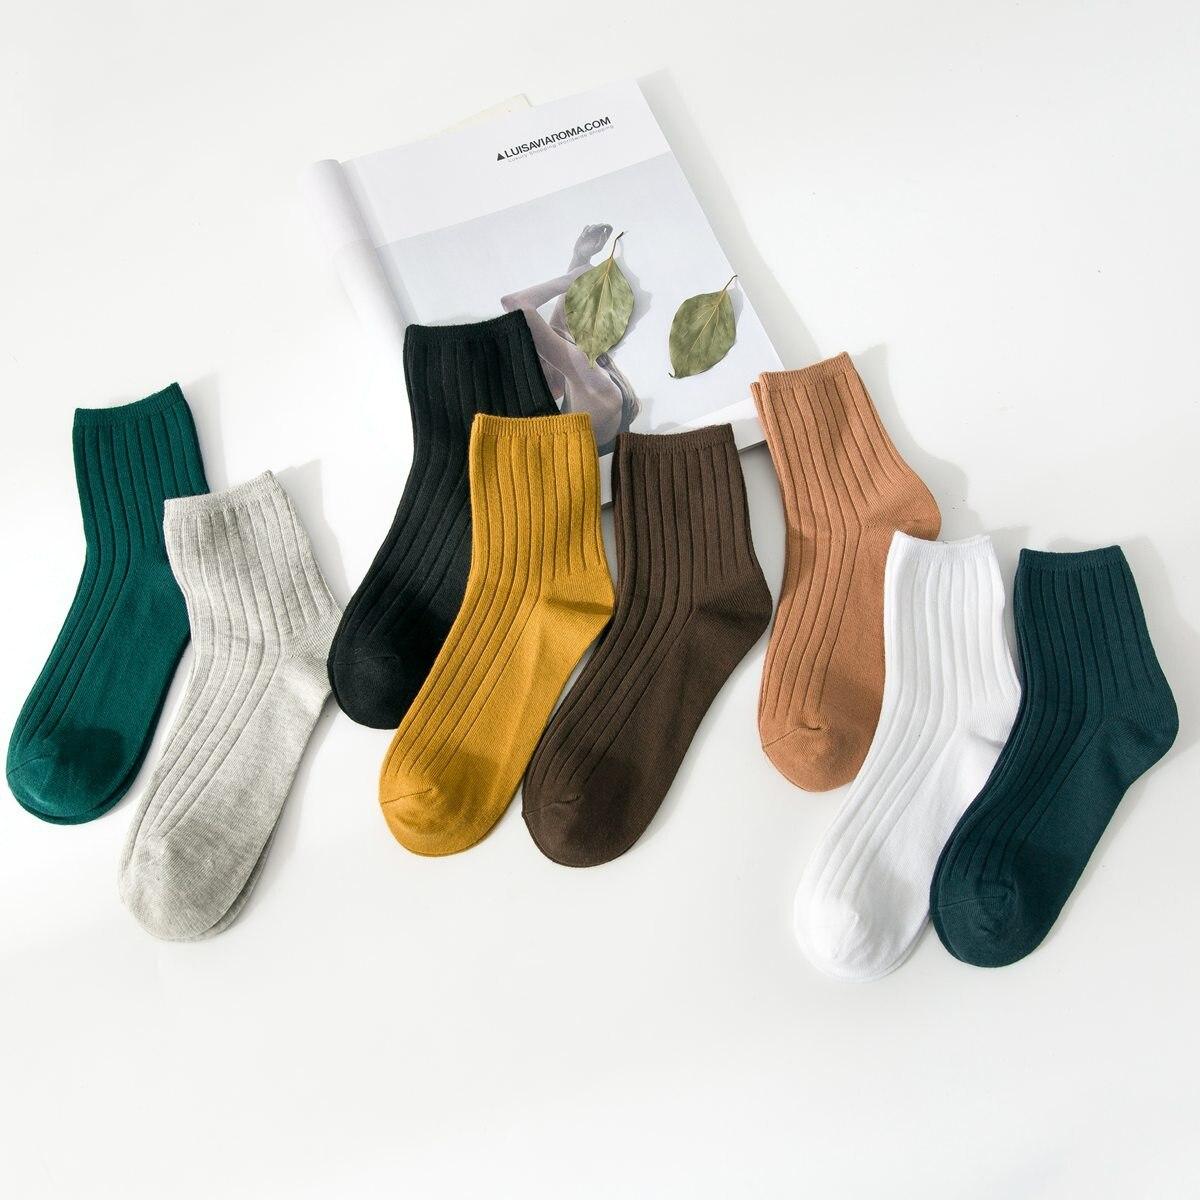 Mujeres calcetines algodón doble aguja espesado otoño e invierno nuevo color sólido casual calcetines absorbentes sudor desodorante algodón